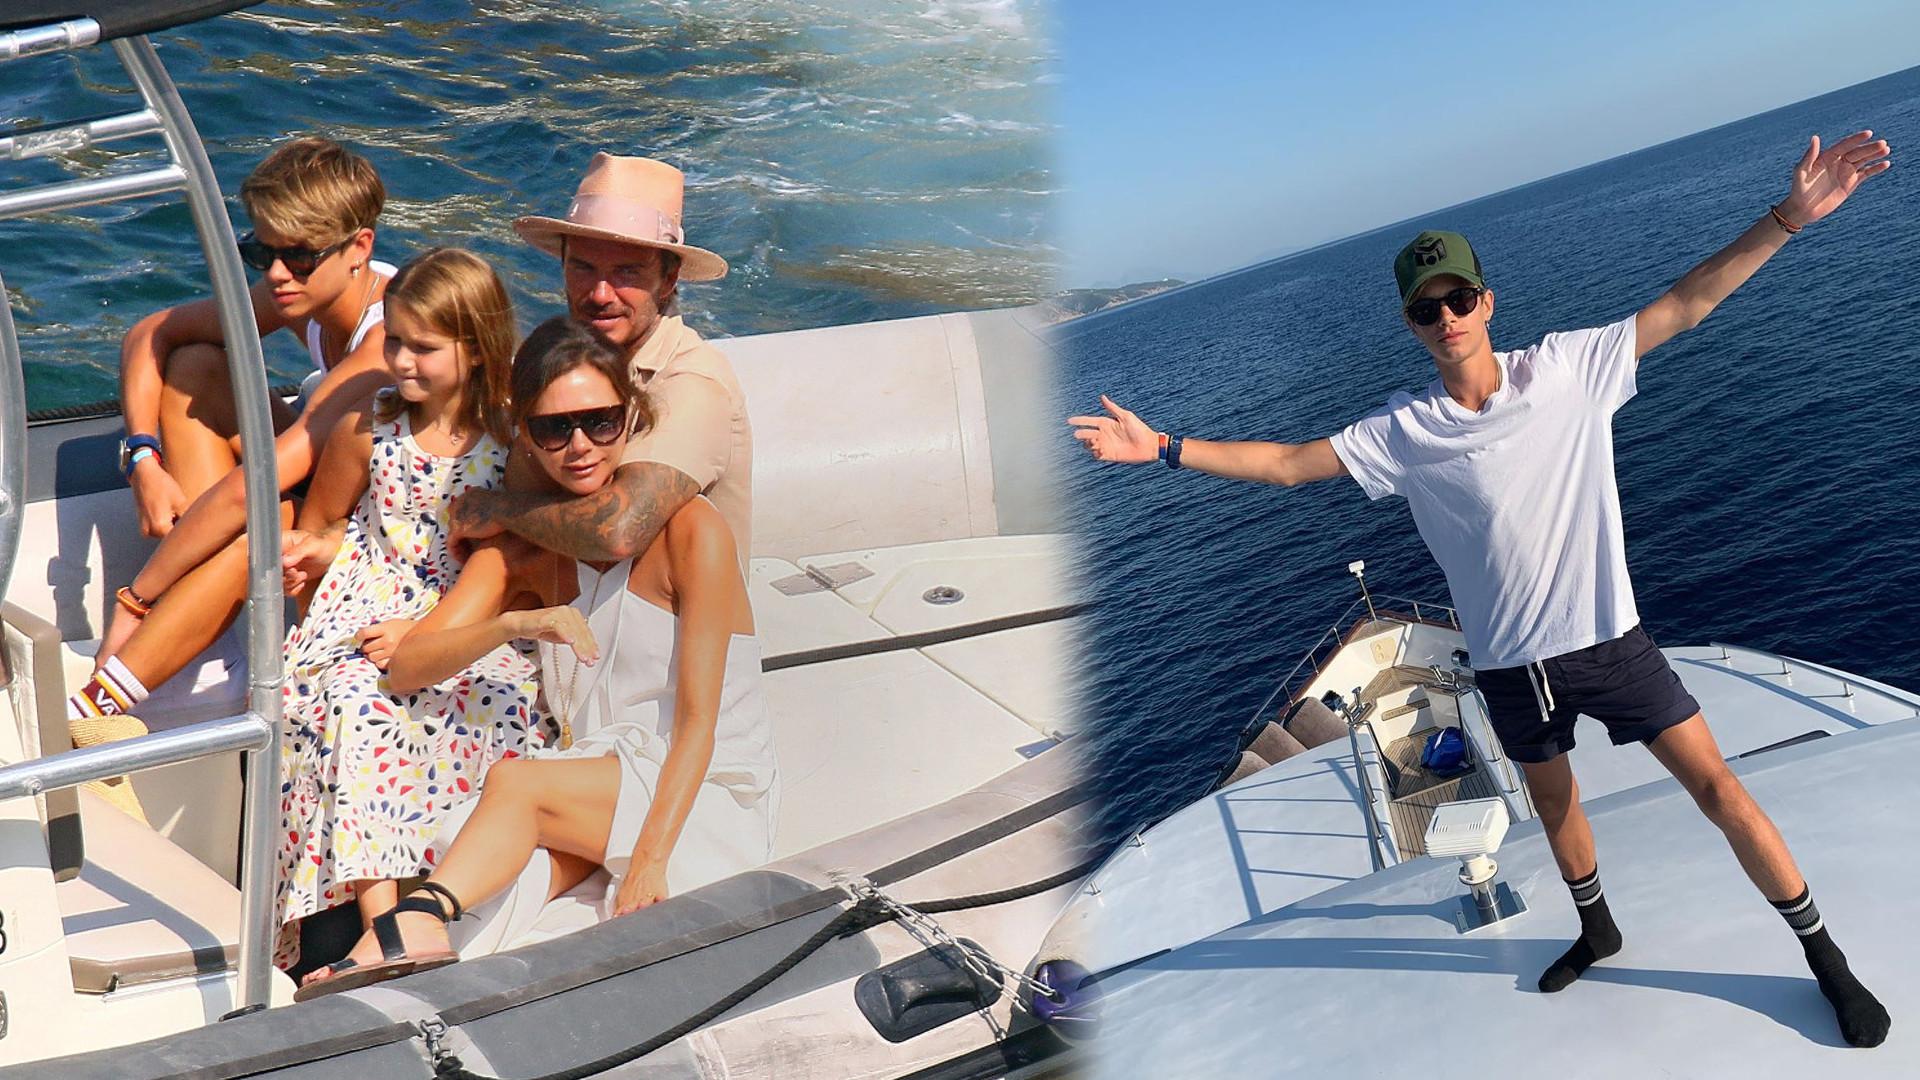 Rodzina Beckhamów świętuje urodziny 17-letniego Rome'a i składa wzruszające życzenia urodzinowe!